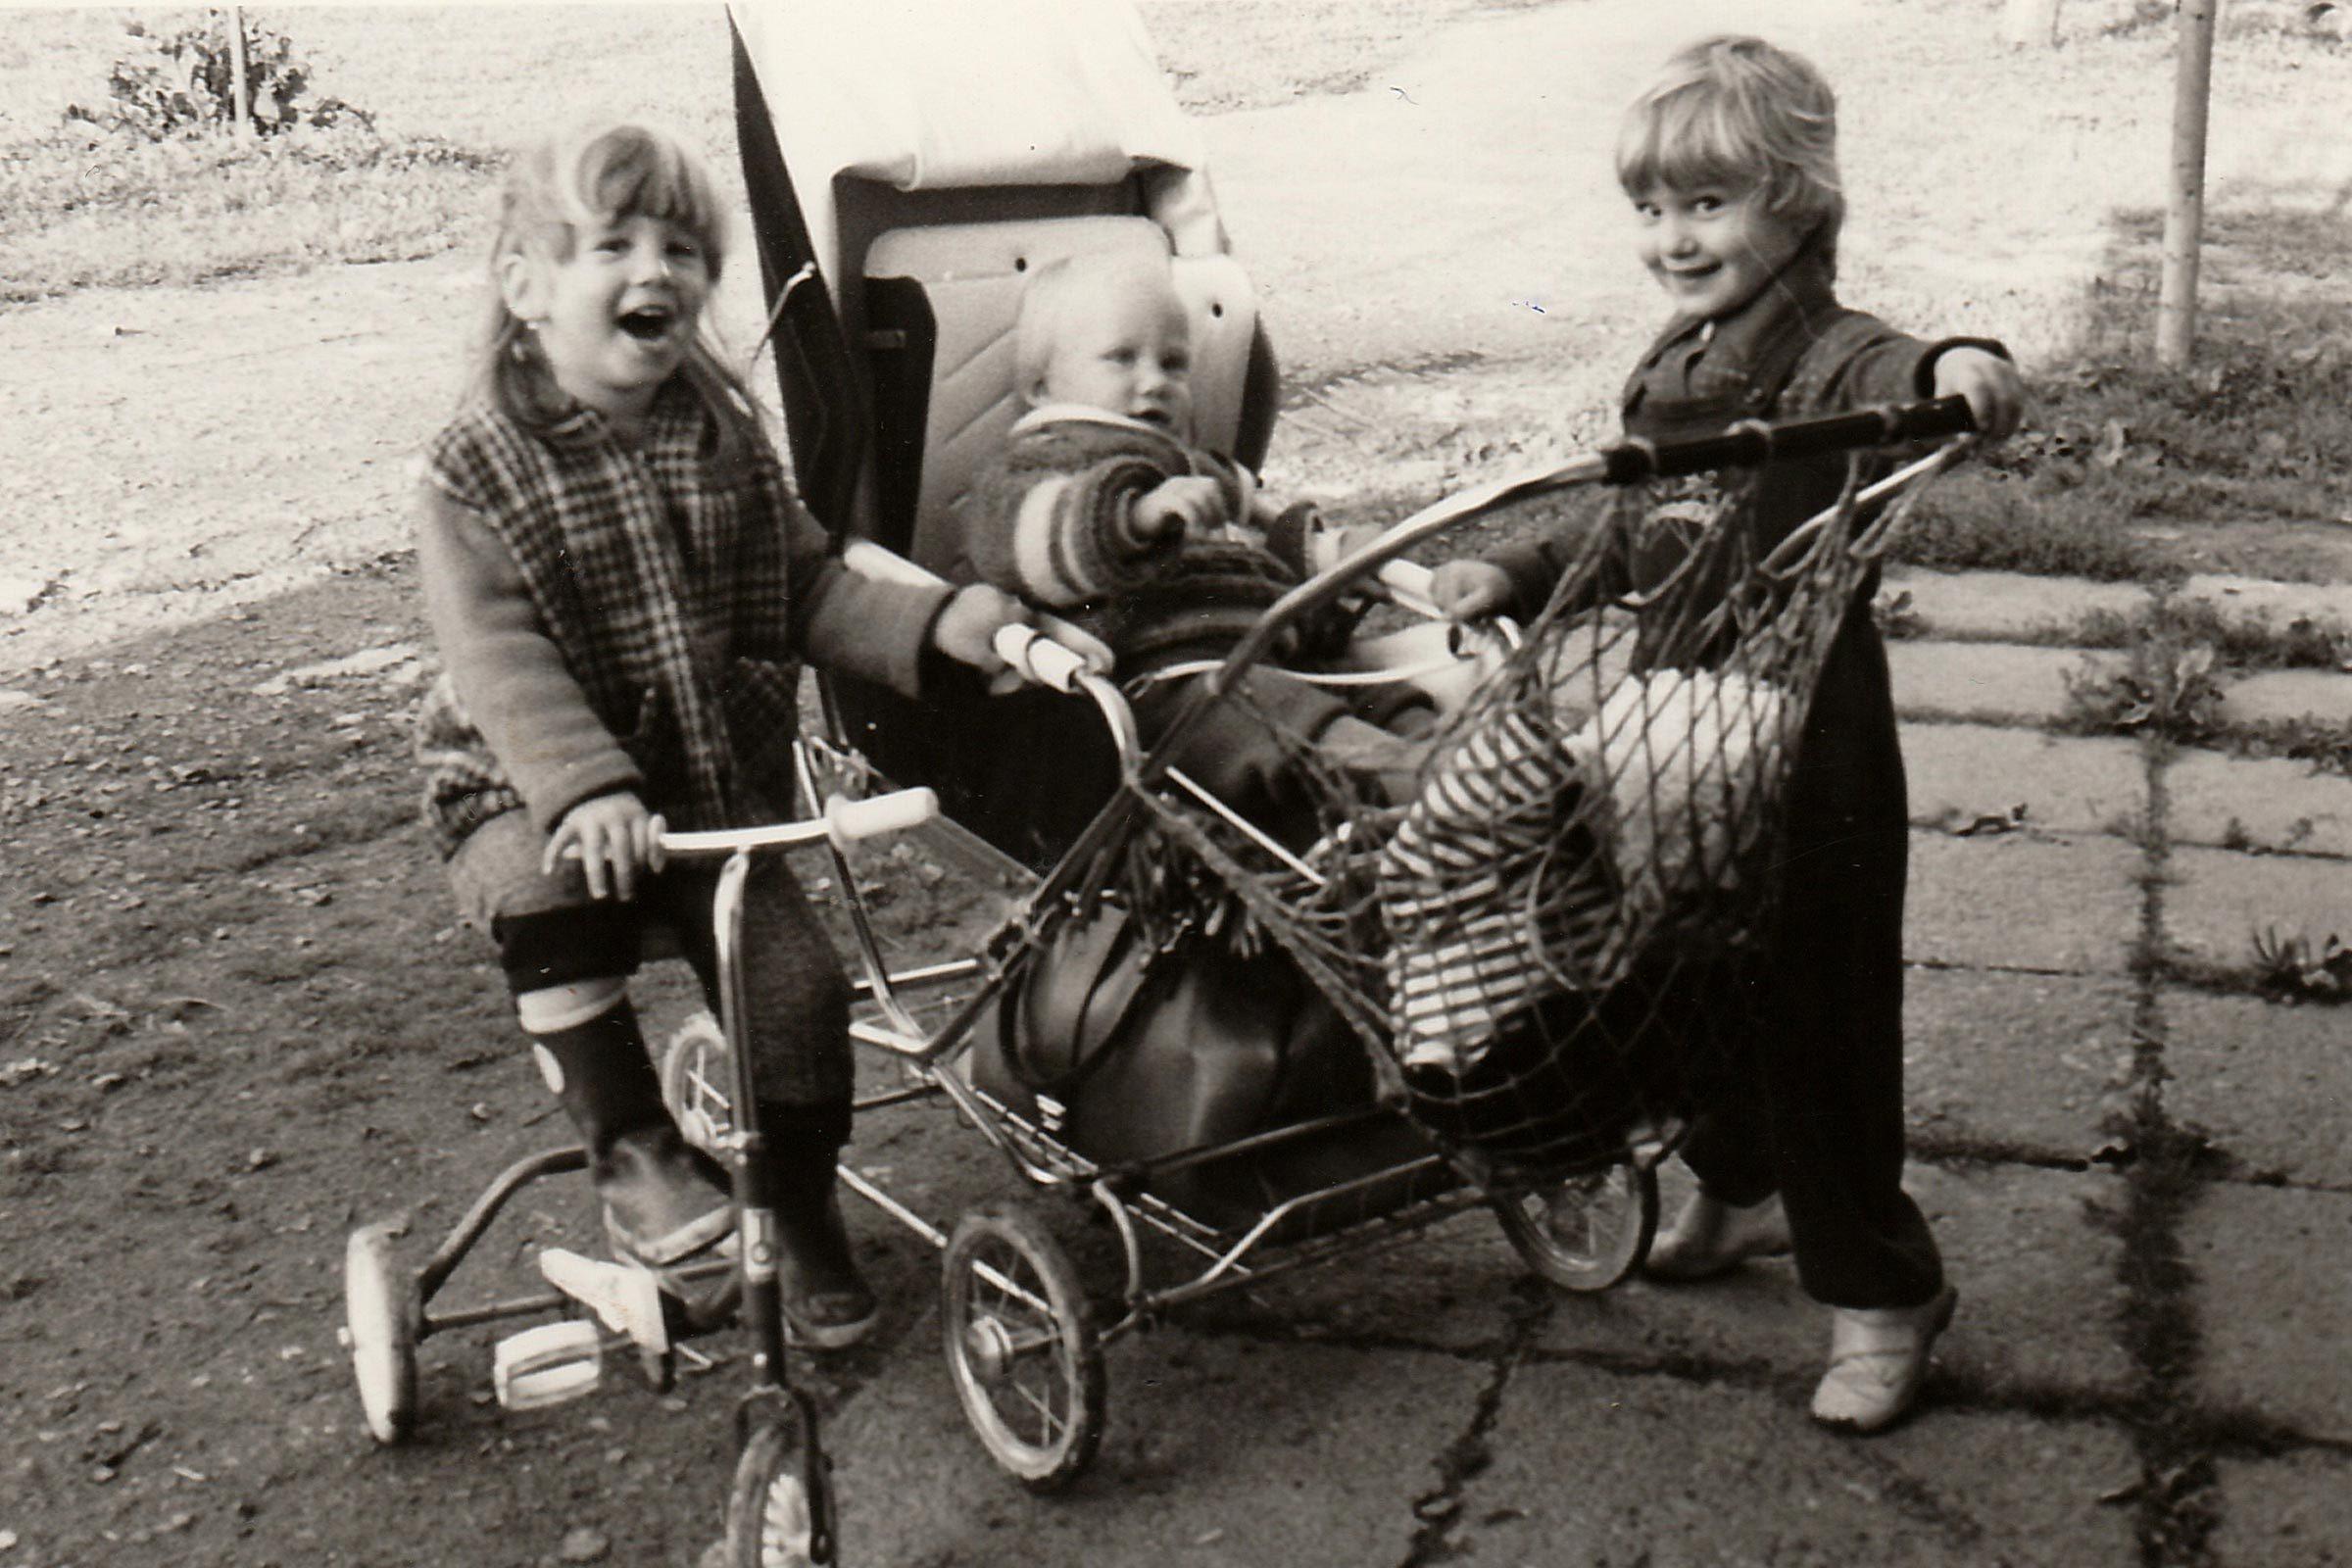 1980s baby